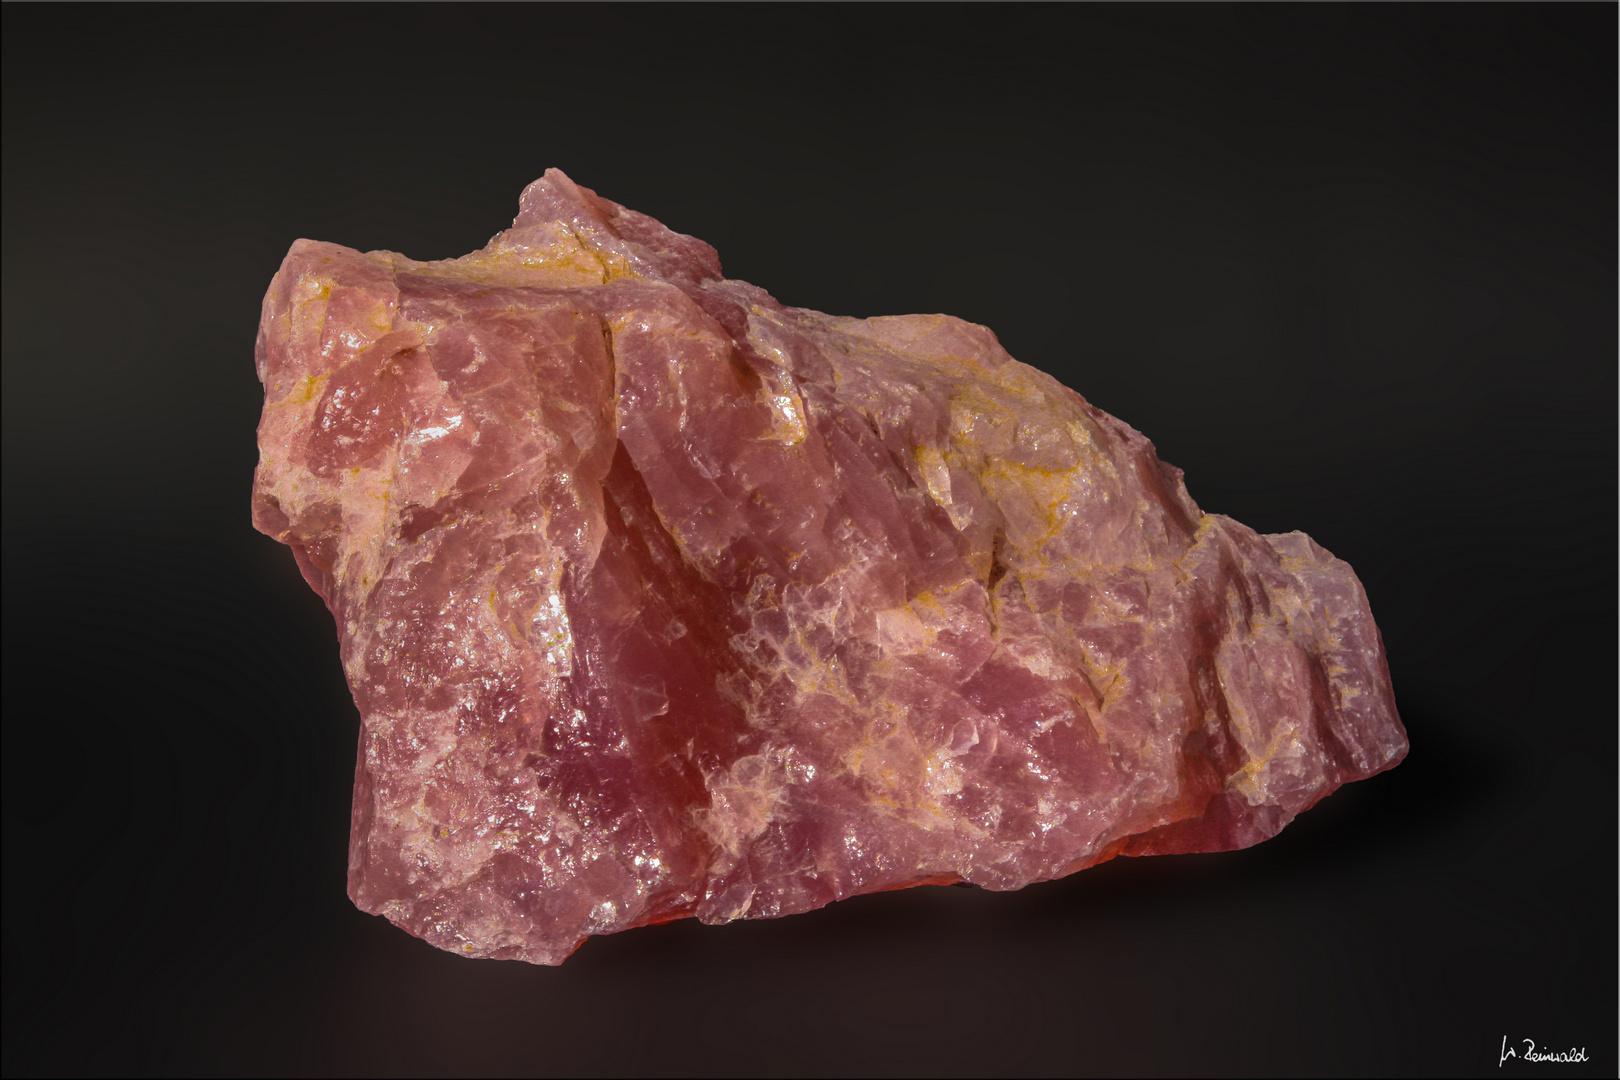 rosenquarz foto bild sonstiges steine mineralien steine bilder auf fotocommunity. Black Bedroom Furniture Sets. Home Design Ideas